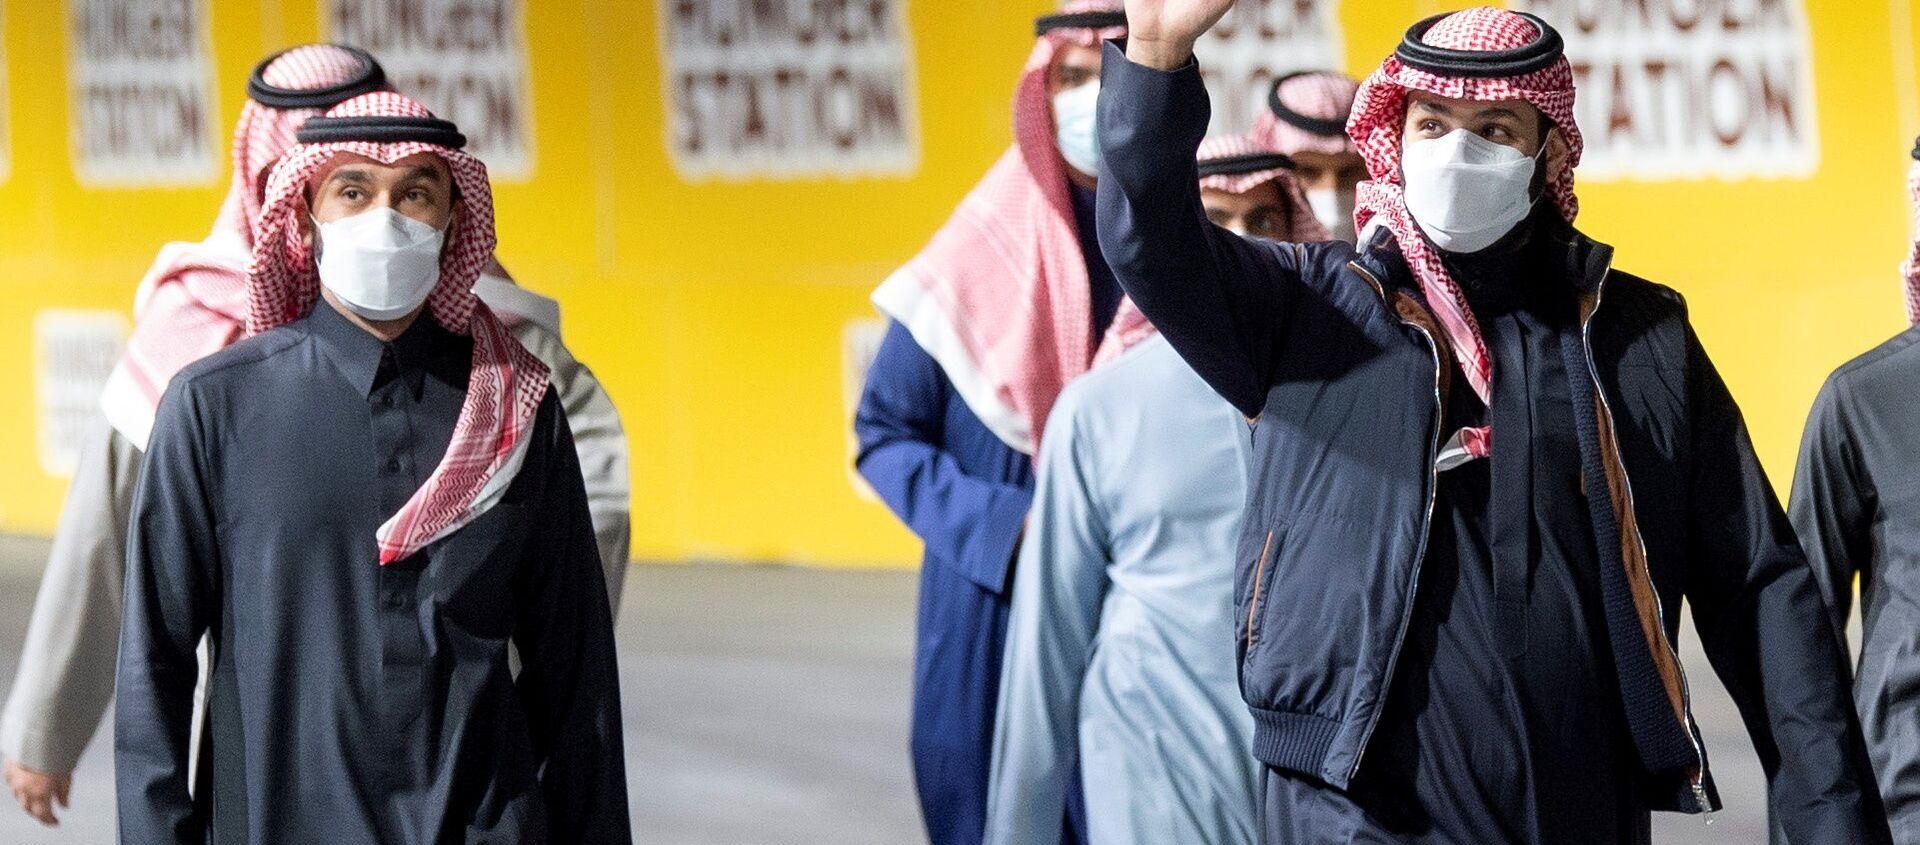 Пандемия коронавируса - представители королевской семьи Саудовской Аравии в масках в Эр-Рияде - Sputnik Азербайджан, 1920, 02.03.2021